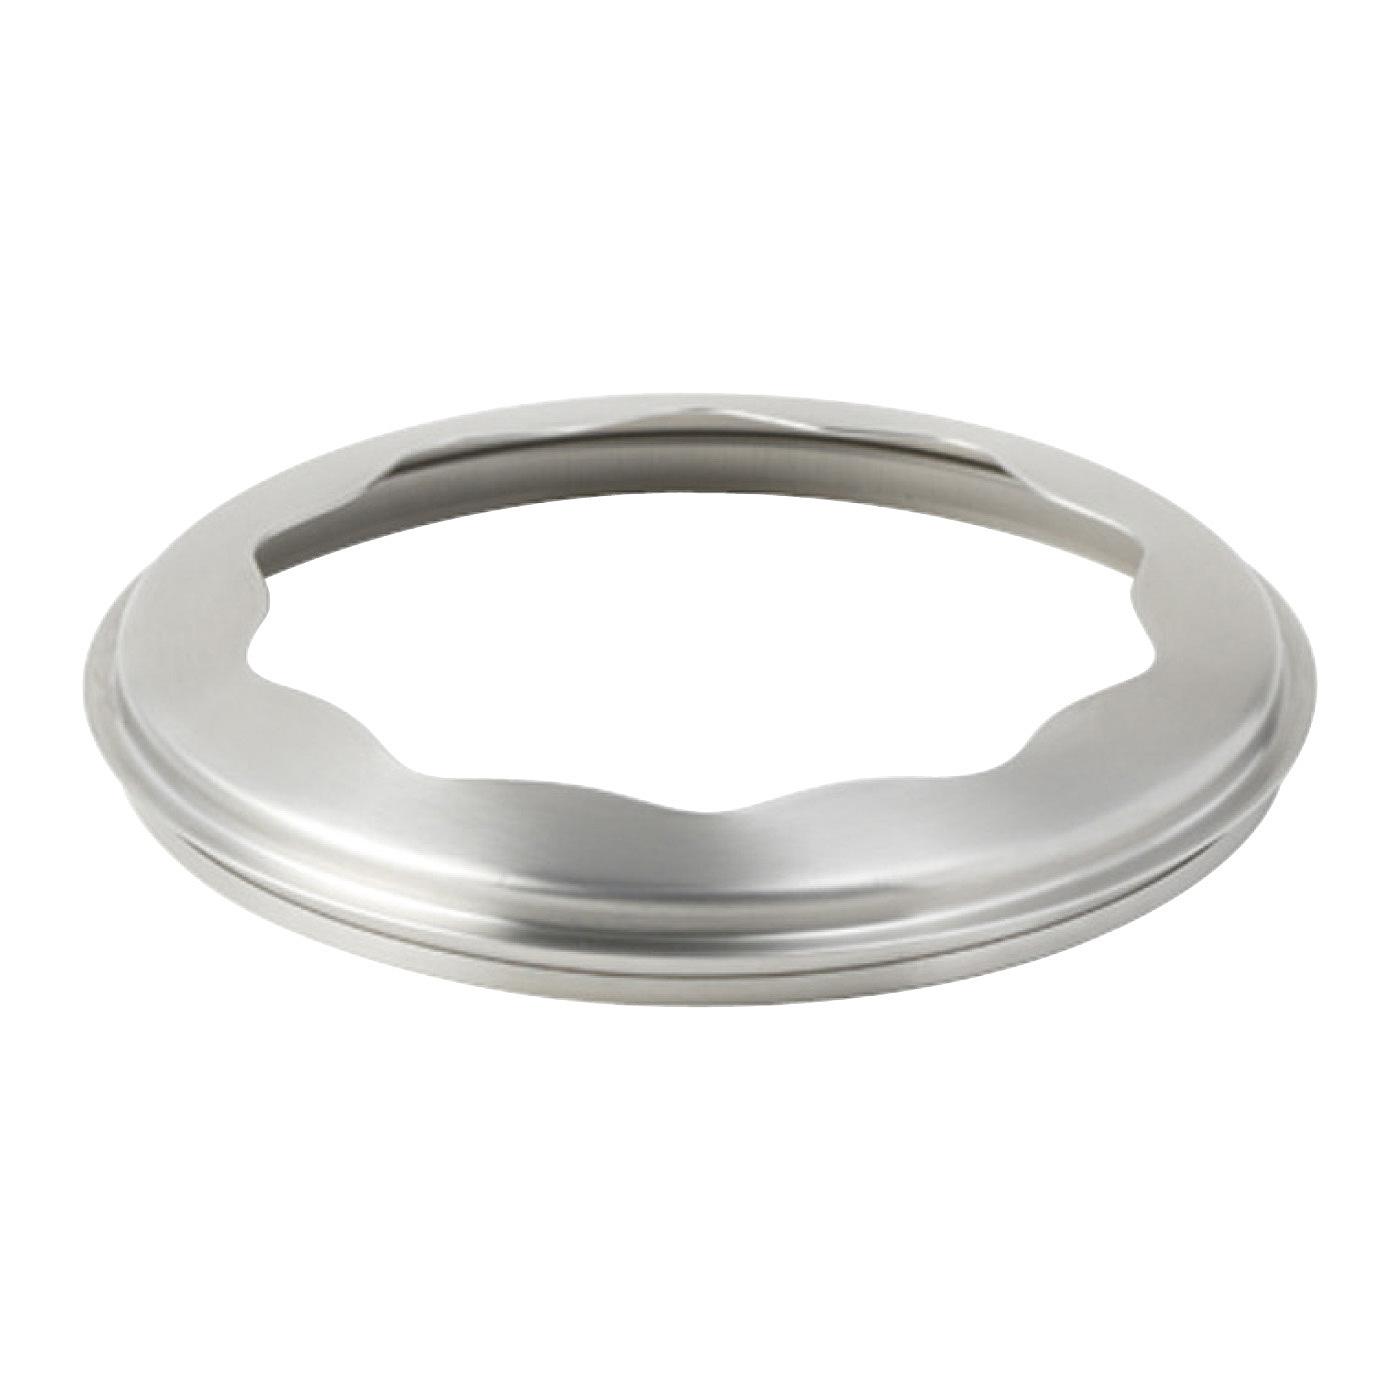 揚げ物用カバー 揚げる料理の際の油よけになり波形の形状が串揚げにも便利。